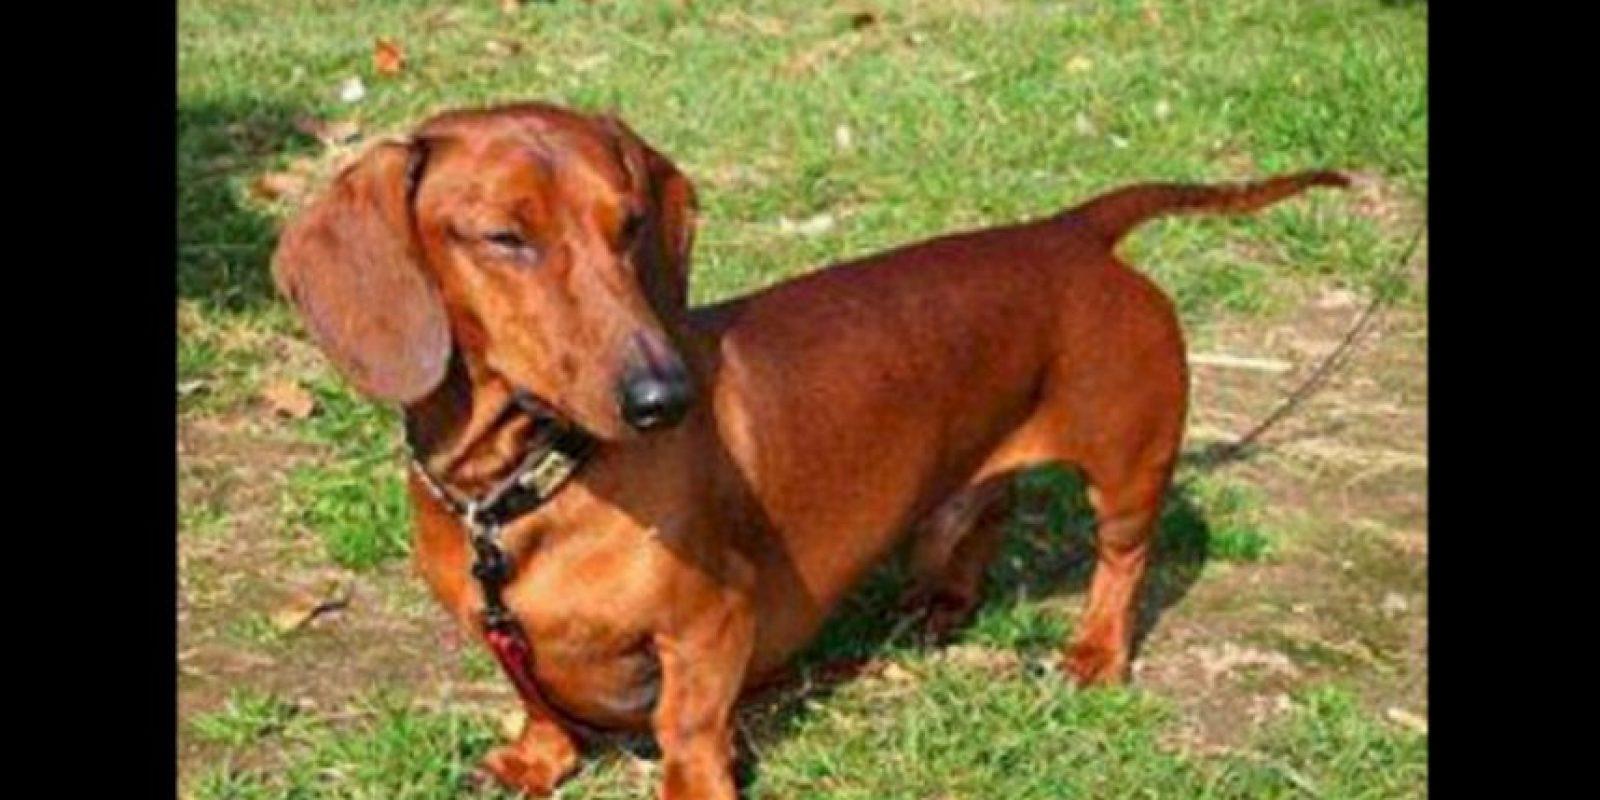 4. El año pasado, cuando un perro violento atacó a una niña de 10 años, el perrito temerario saltó a su rescate. Foto:Wikipedia Commons